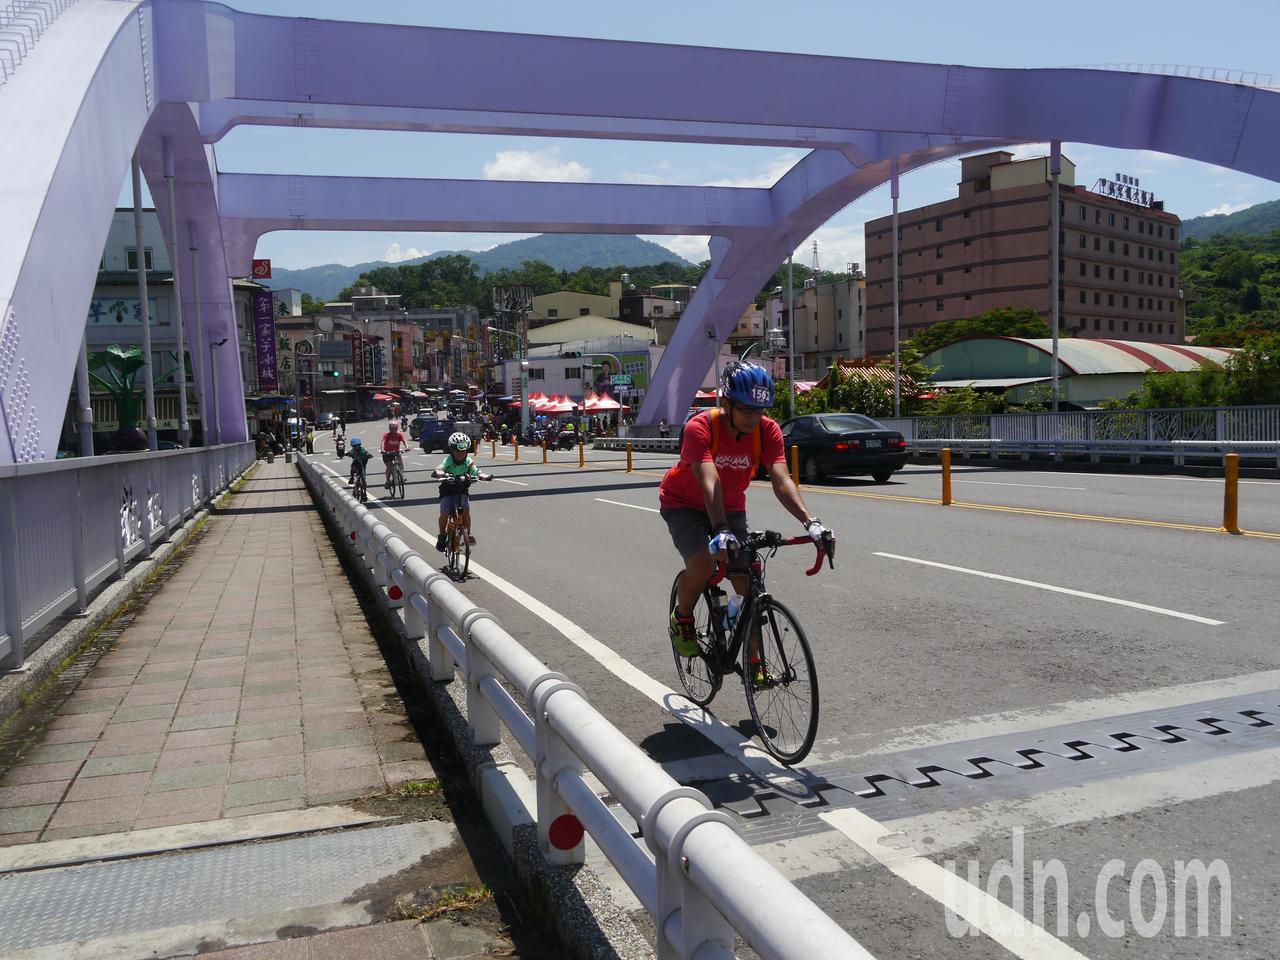 甲仙今年首推單車漫遊,鼓勵遊客騎單車暢遊各地景點。記者徐白櫻/攝影